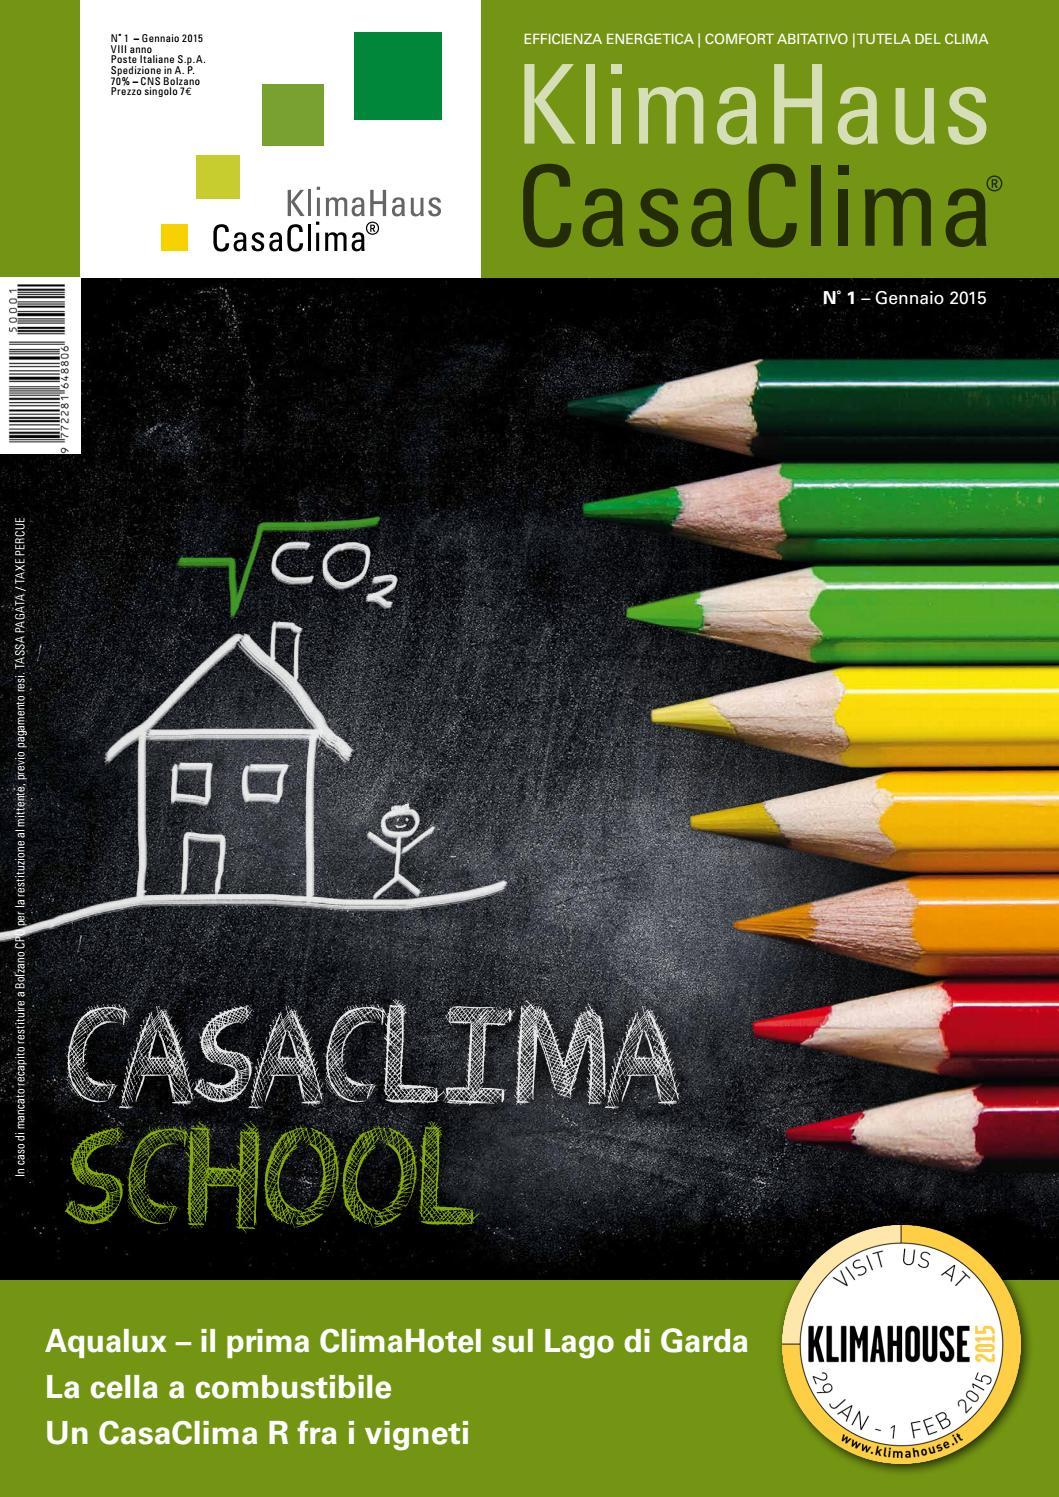 Rivista CasaClima 01 2015 by KlimaHaus Agentur Agenzia